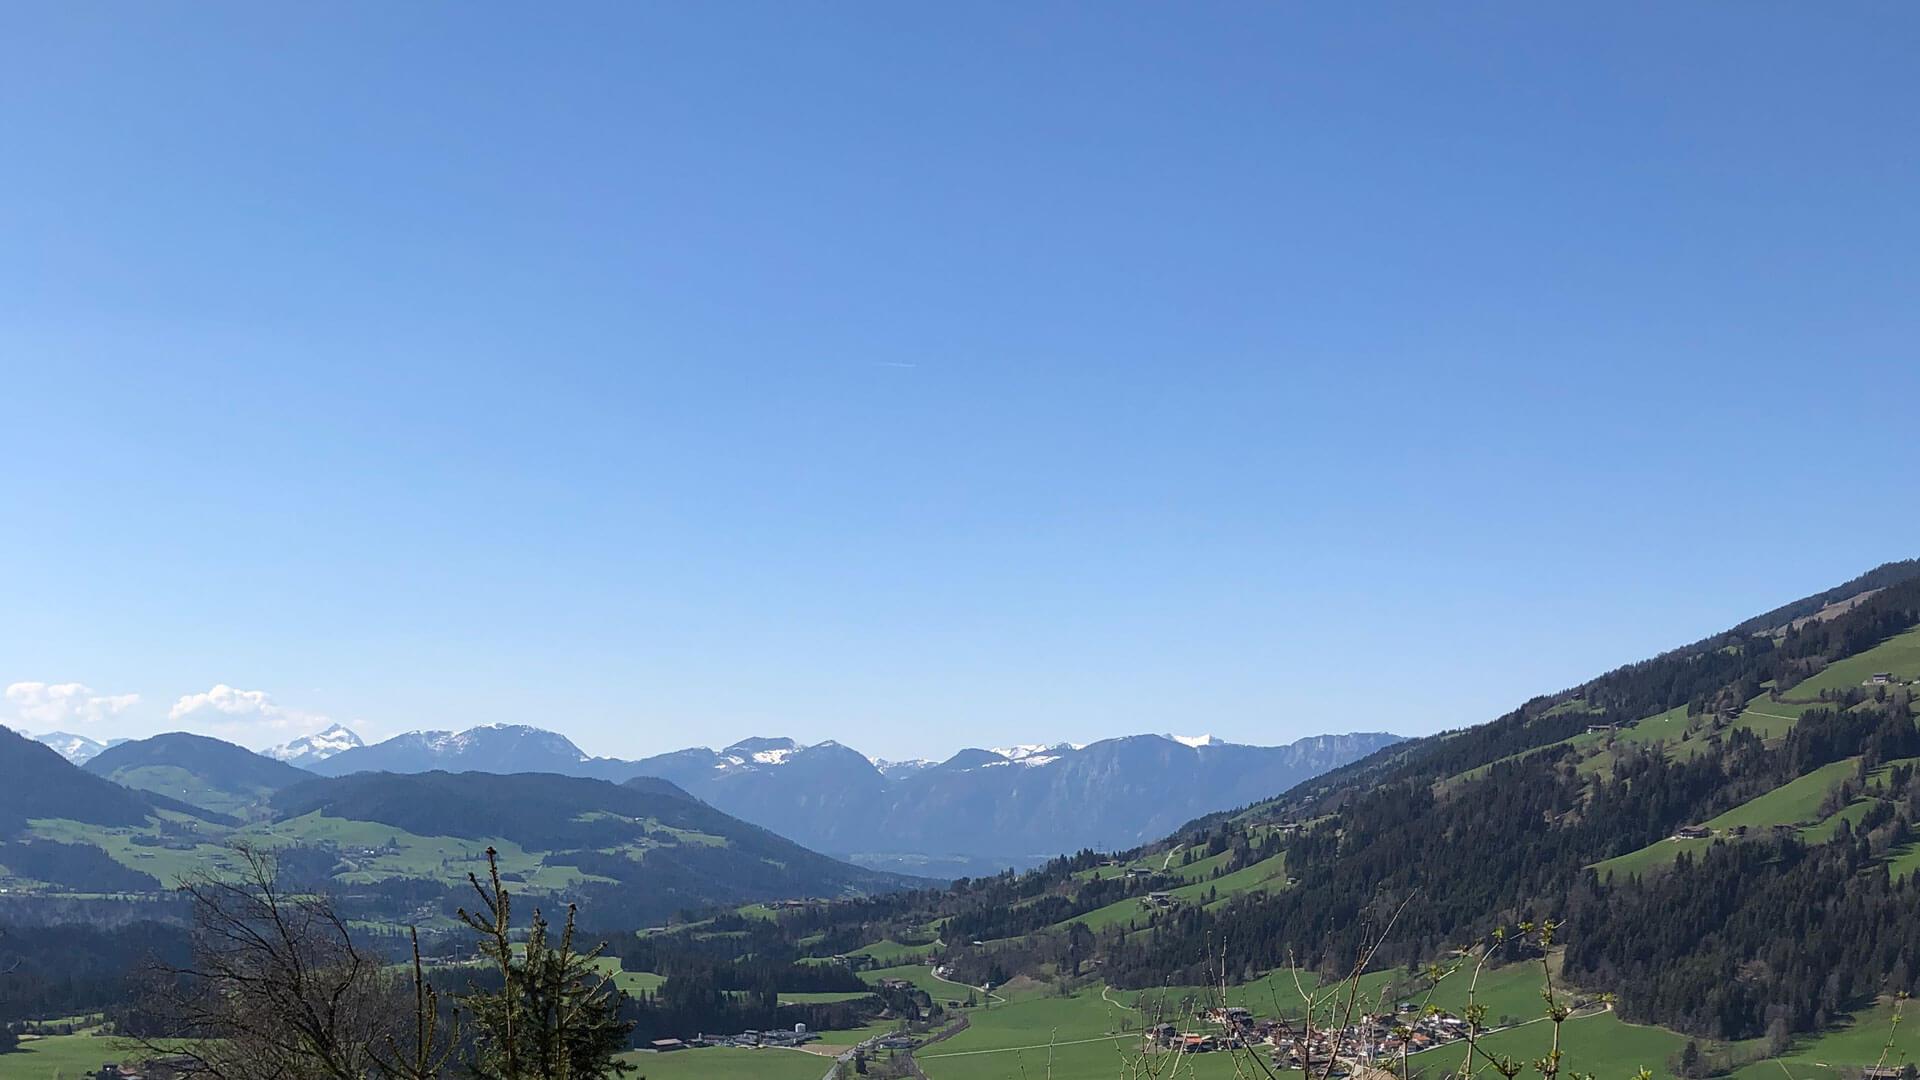 Aussicht vom Balkon, von der Almlodge Westendorf